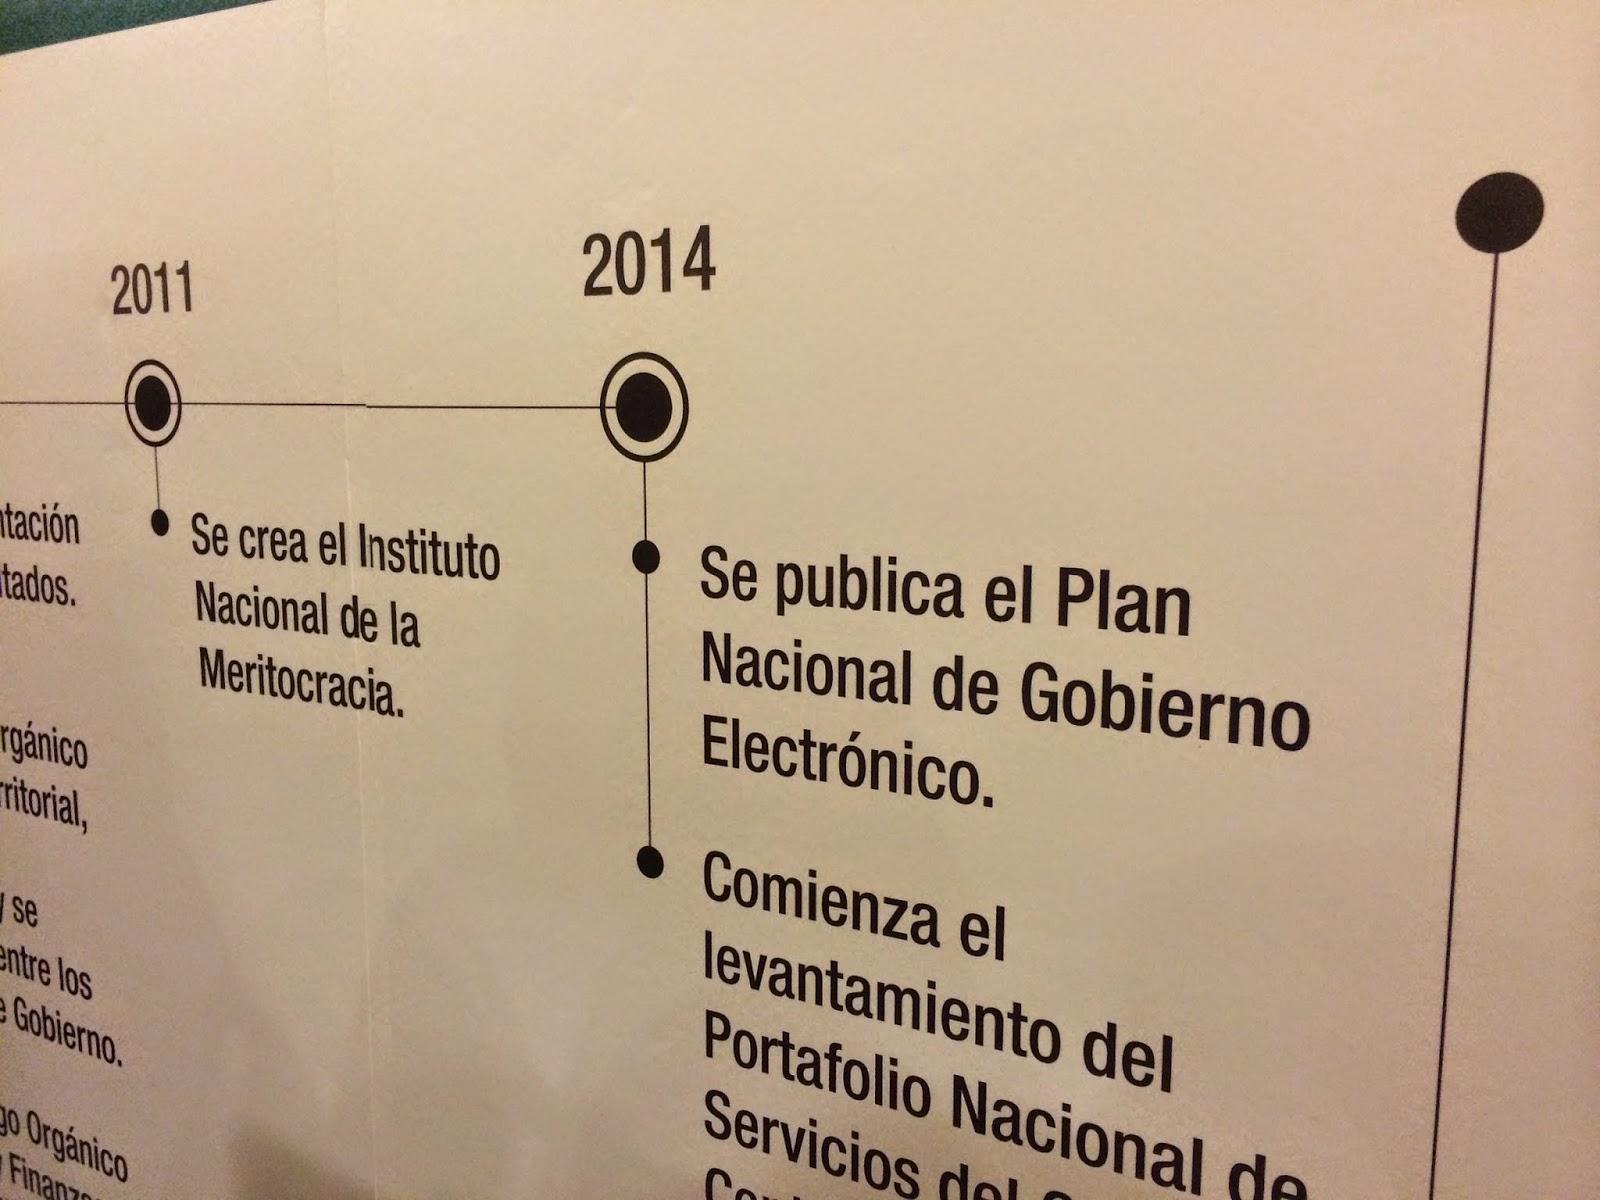 Resumen de lo que se hizo el 2014 en materia de Gobierno Electrónico en Ecuador